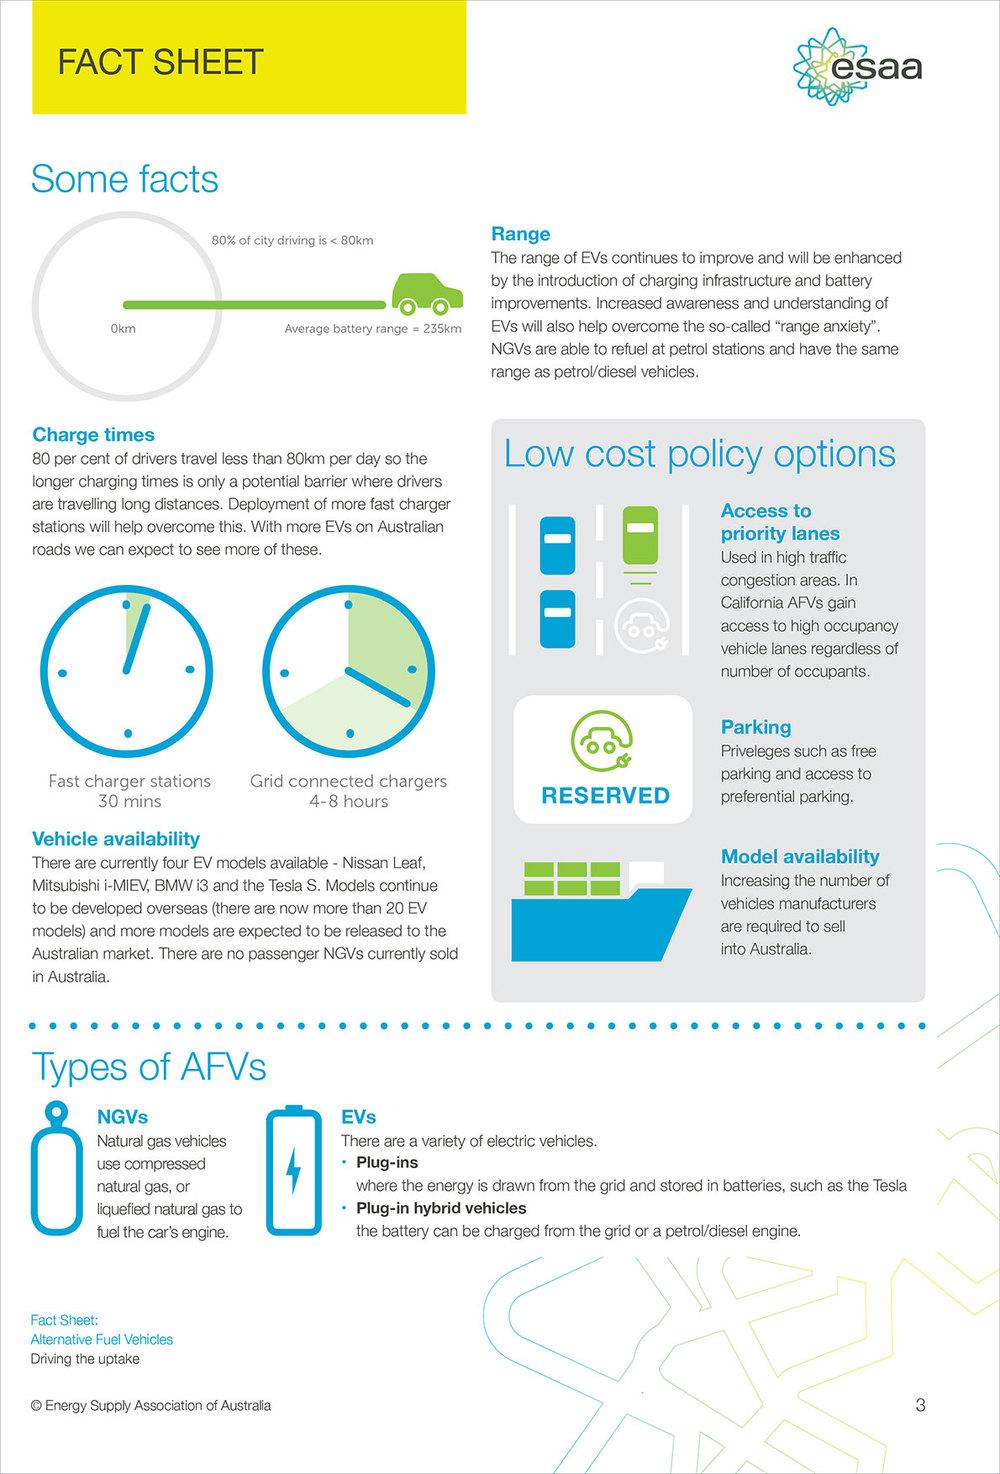 ESAA-infographic-factsheet